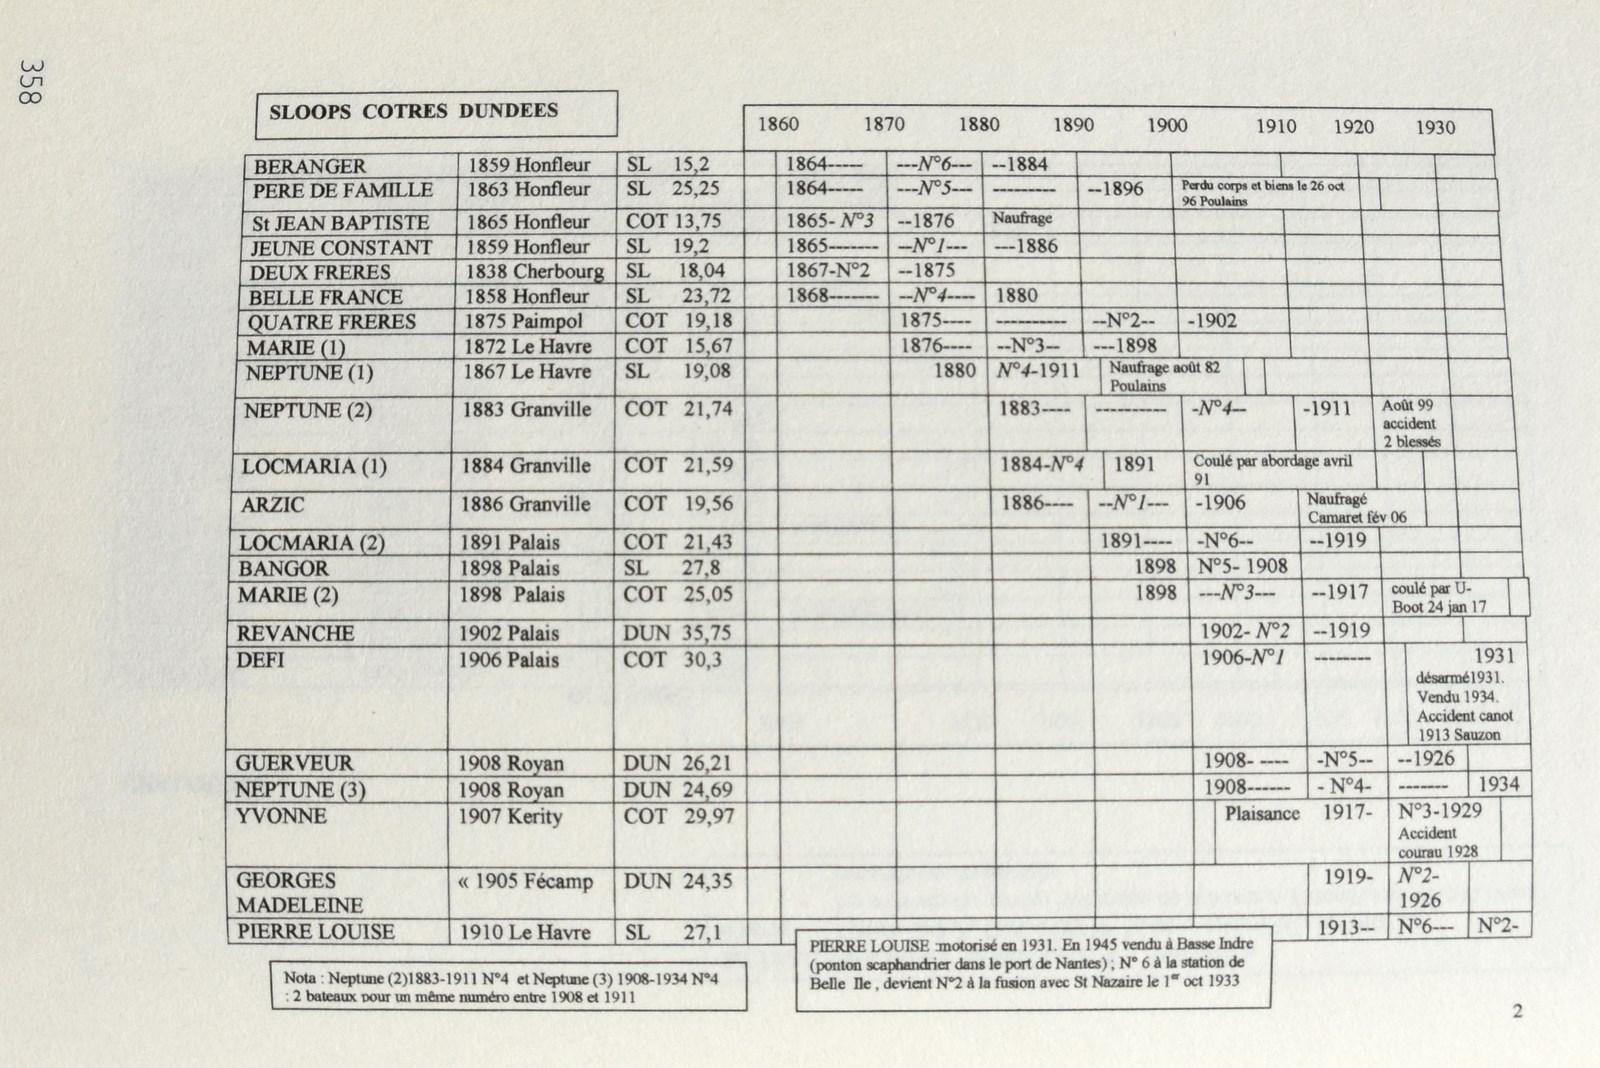 recherche des plans d'un modèle de yacht classique télécommandable inachevé - Page 2 171020025242174294